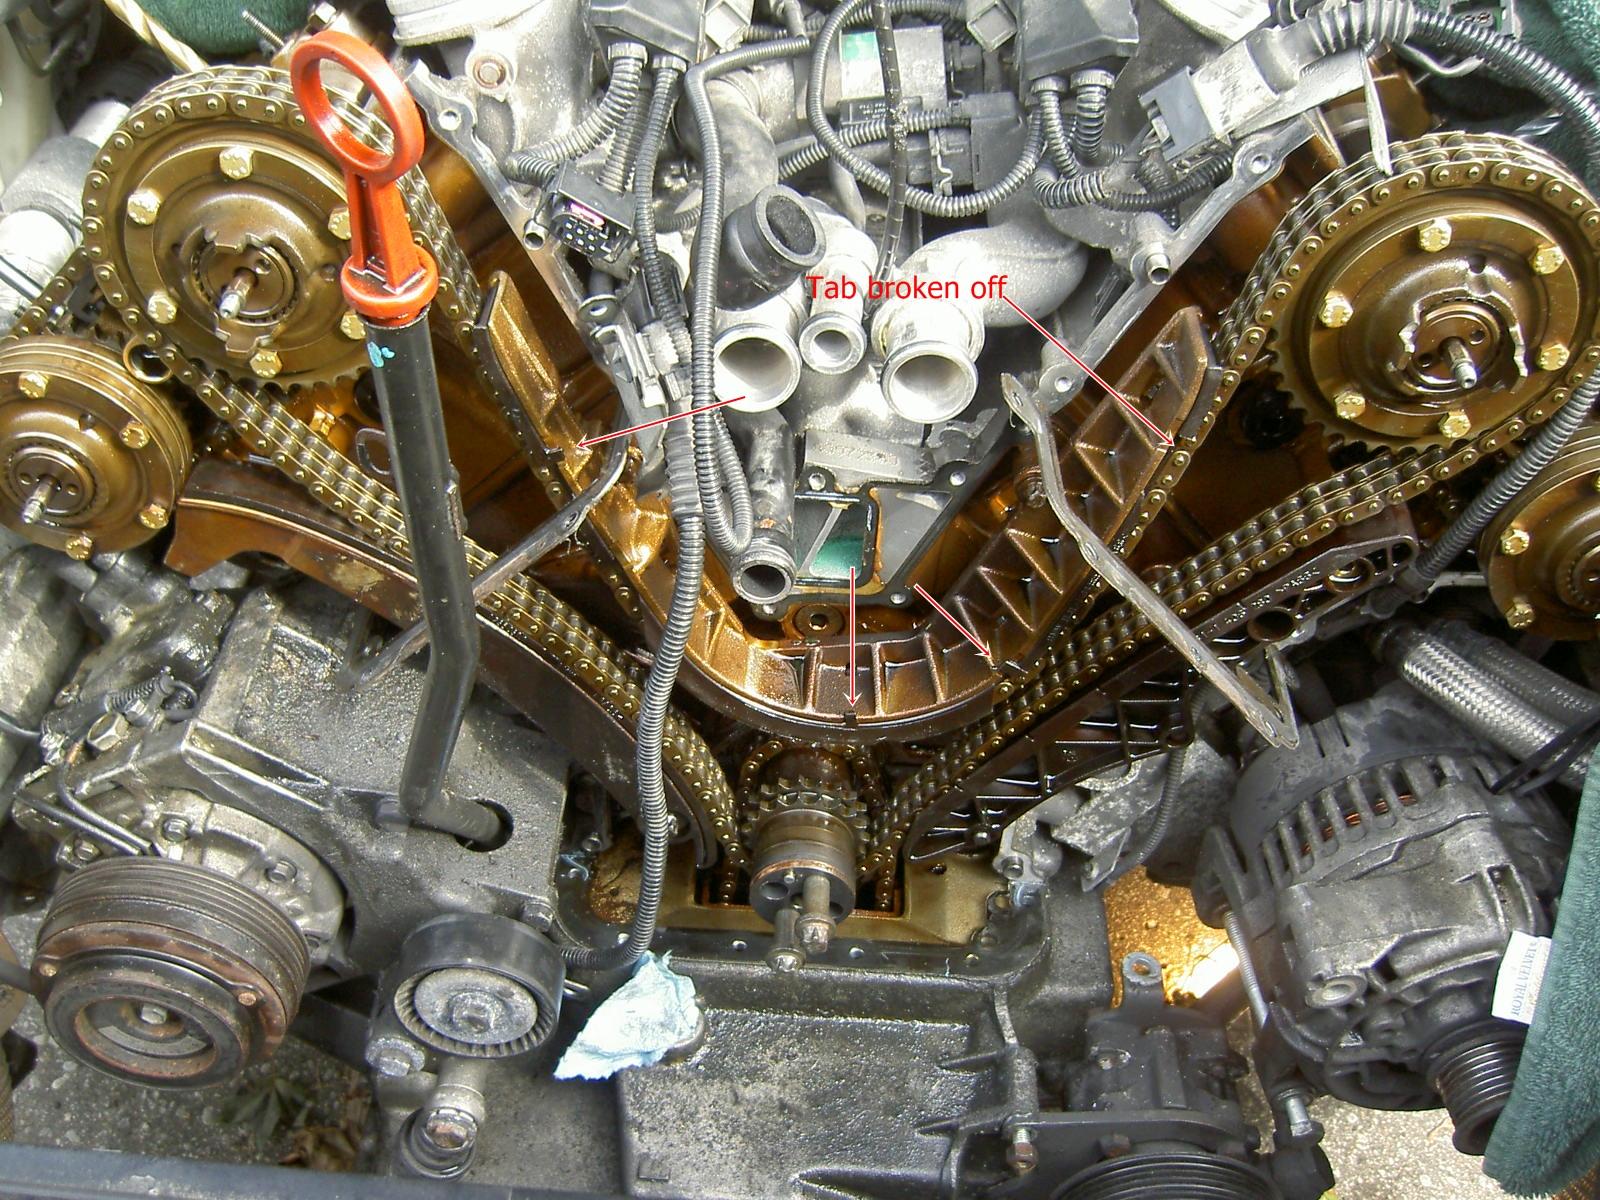 toyota 3 5 v6 engine problems toyota free engine image for user manual download. Black Bedroom Furniture Sets. Home Design Ideas